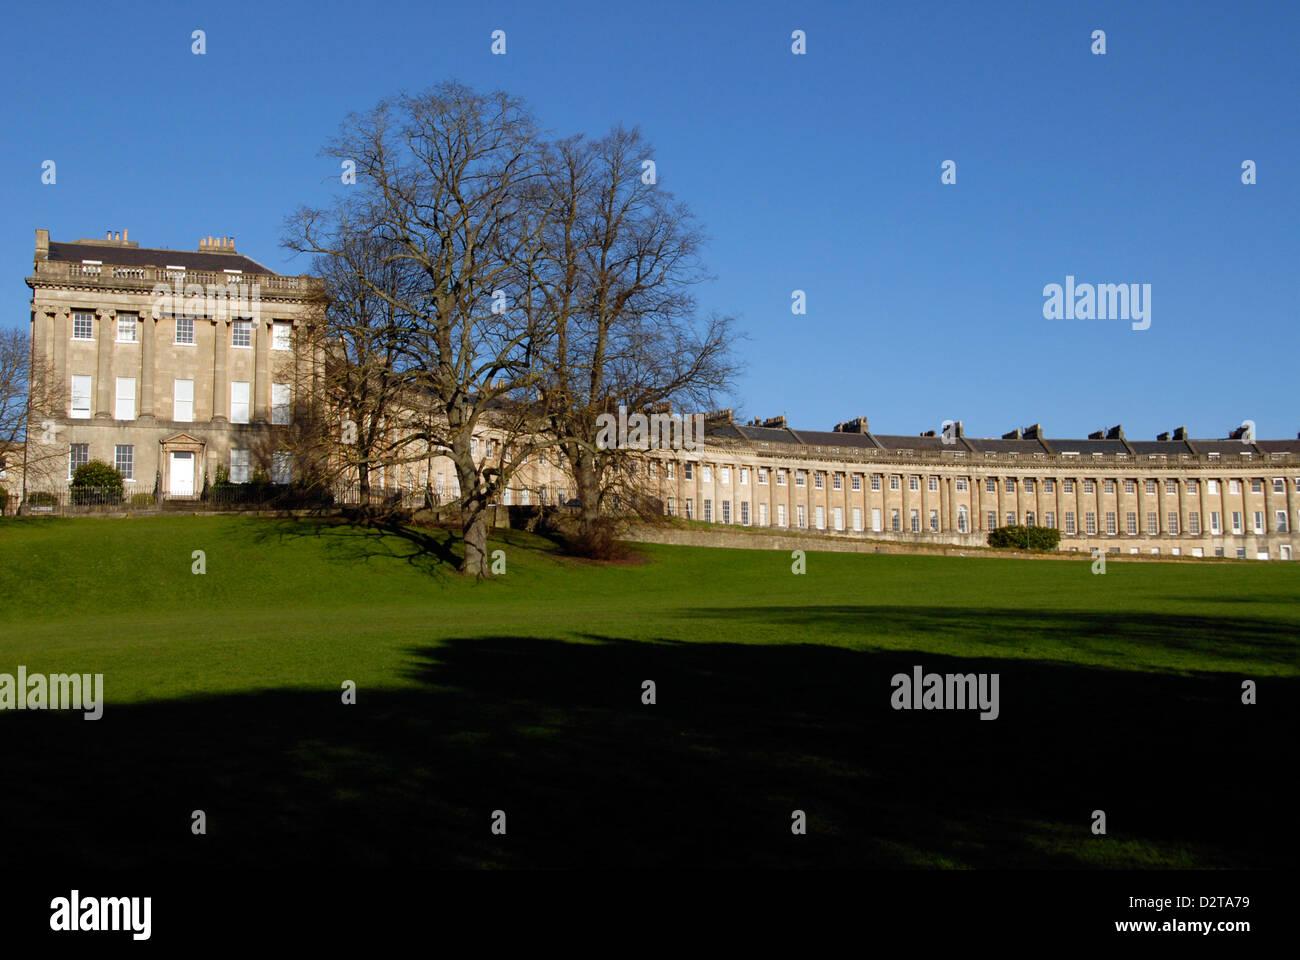 Royal Crescent perfetta architettura georgiana del XVIII secolo in bagno, Regno Unito Foto Stock